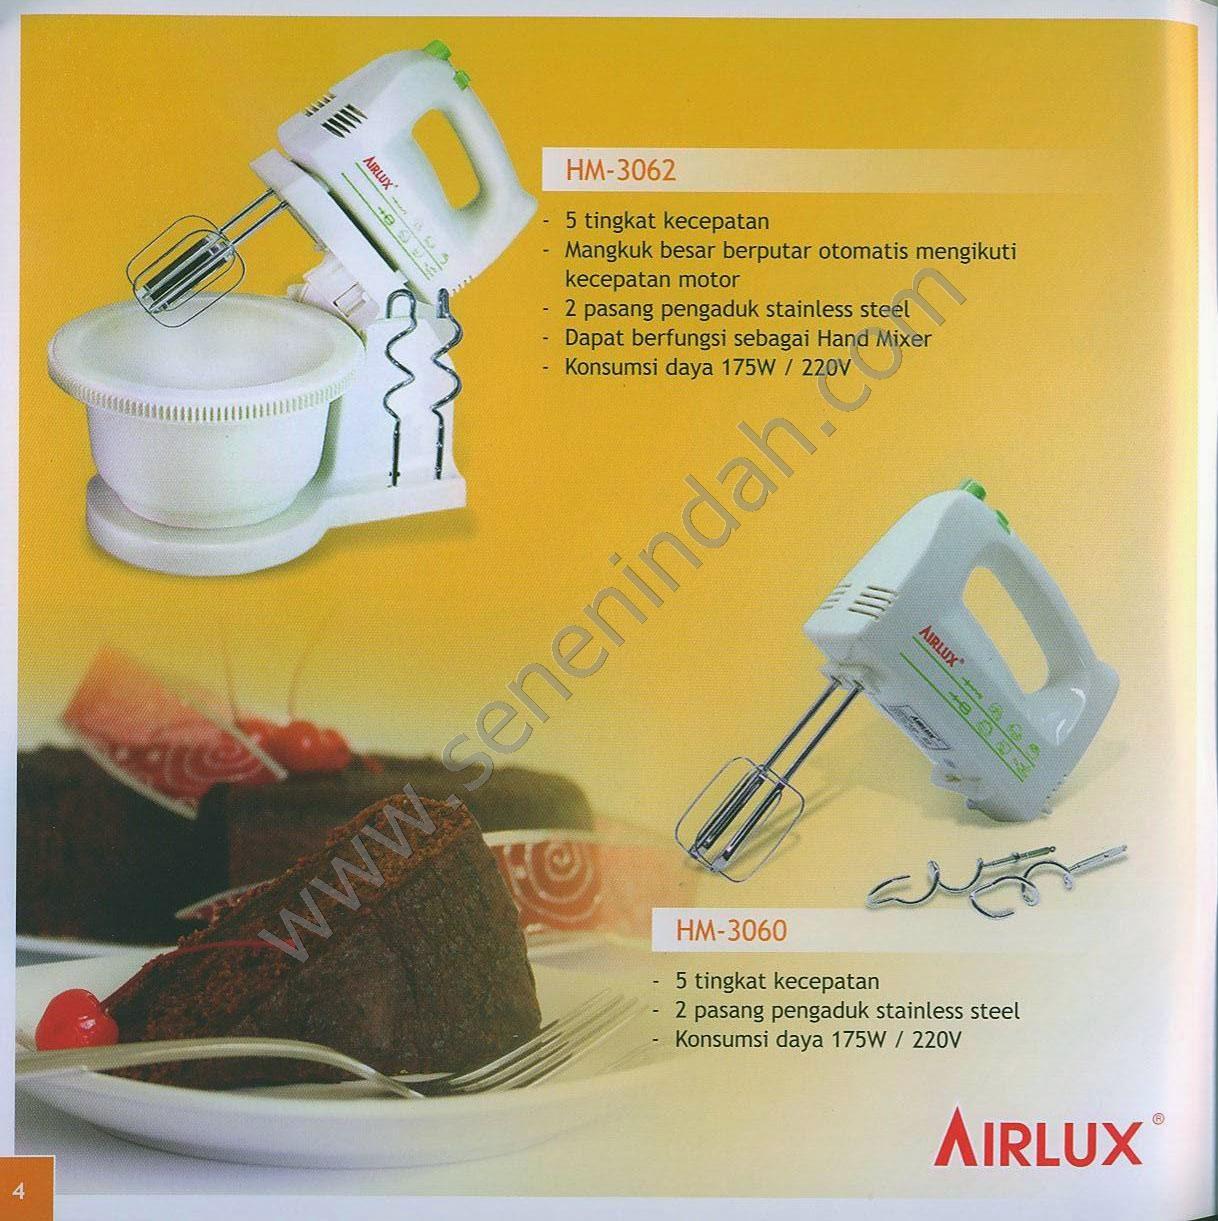 Airlux Dvd Player Ar 518 Yellow Daftar Harga Terkini Dan Termurah Carbon Steel Cookware Bc 8105 Hijau Price List Ada Di Paling Bawah Tekan Ctrl F Lalu Ketik Kode